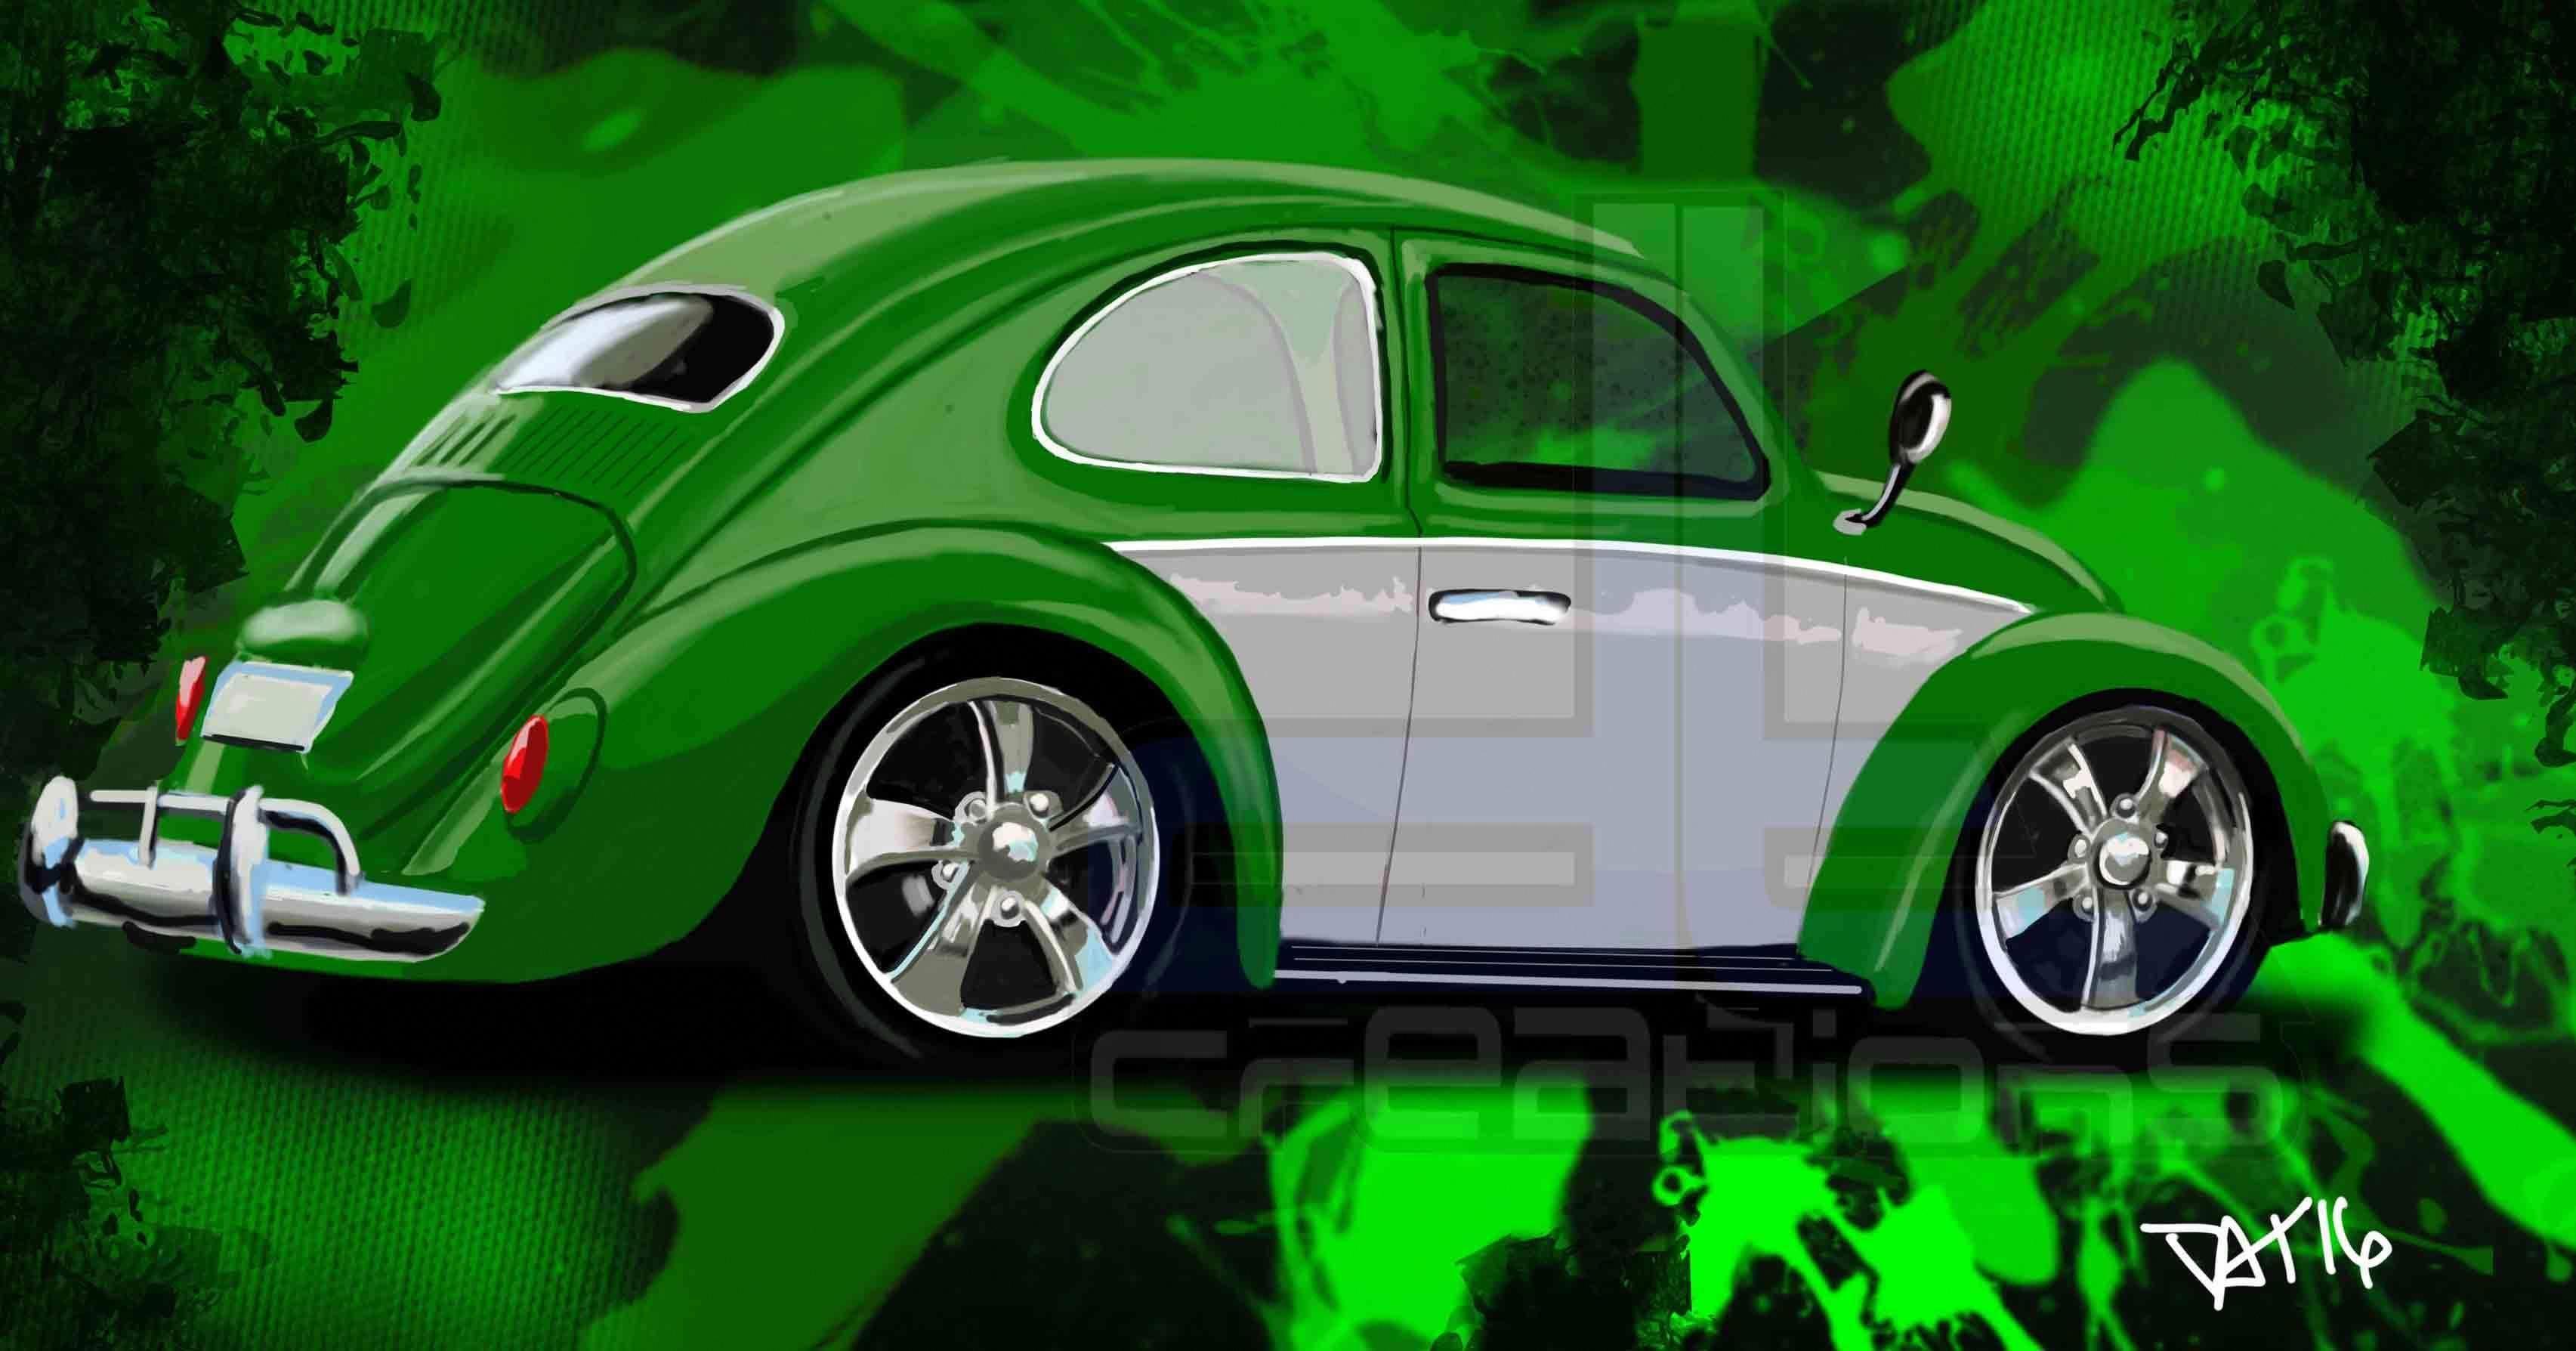 Orange And Black Vw Beetle Taxi Vw Beetles Vw Cars Volkswagen